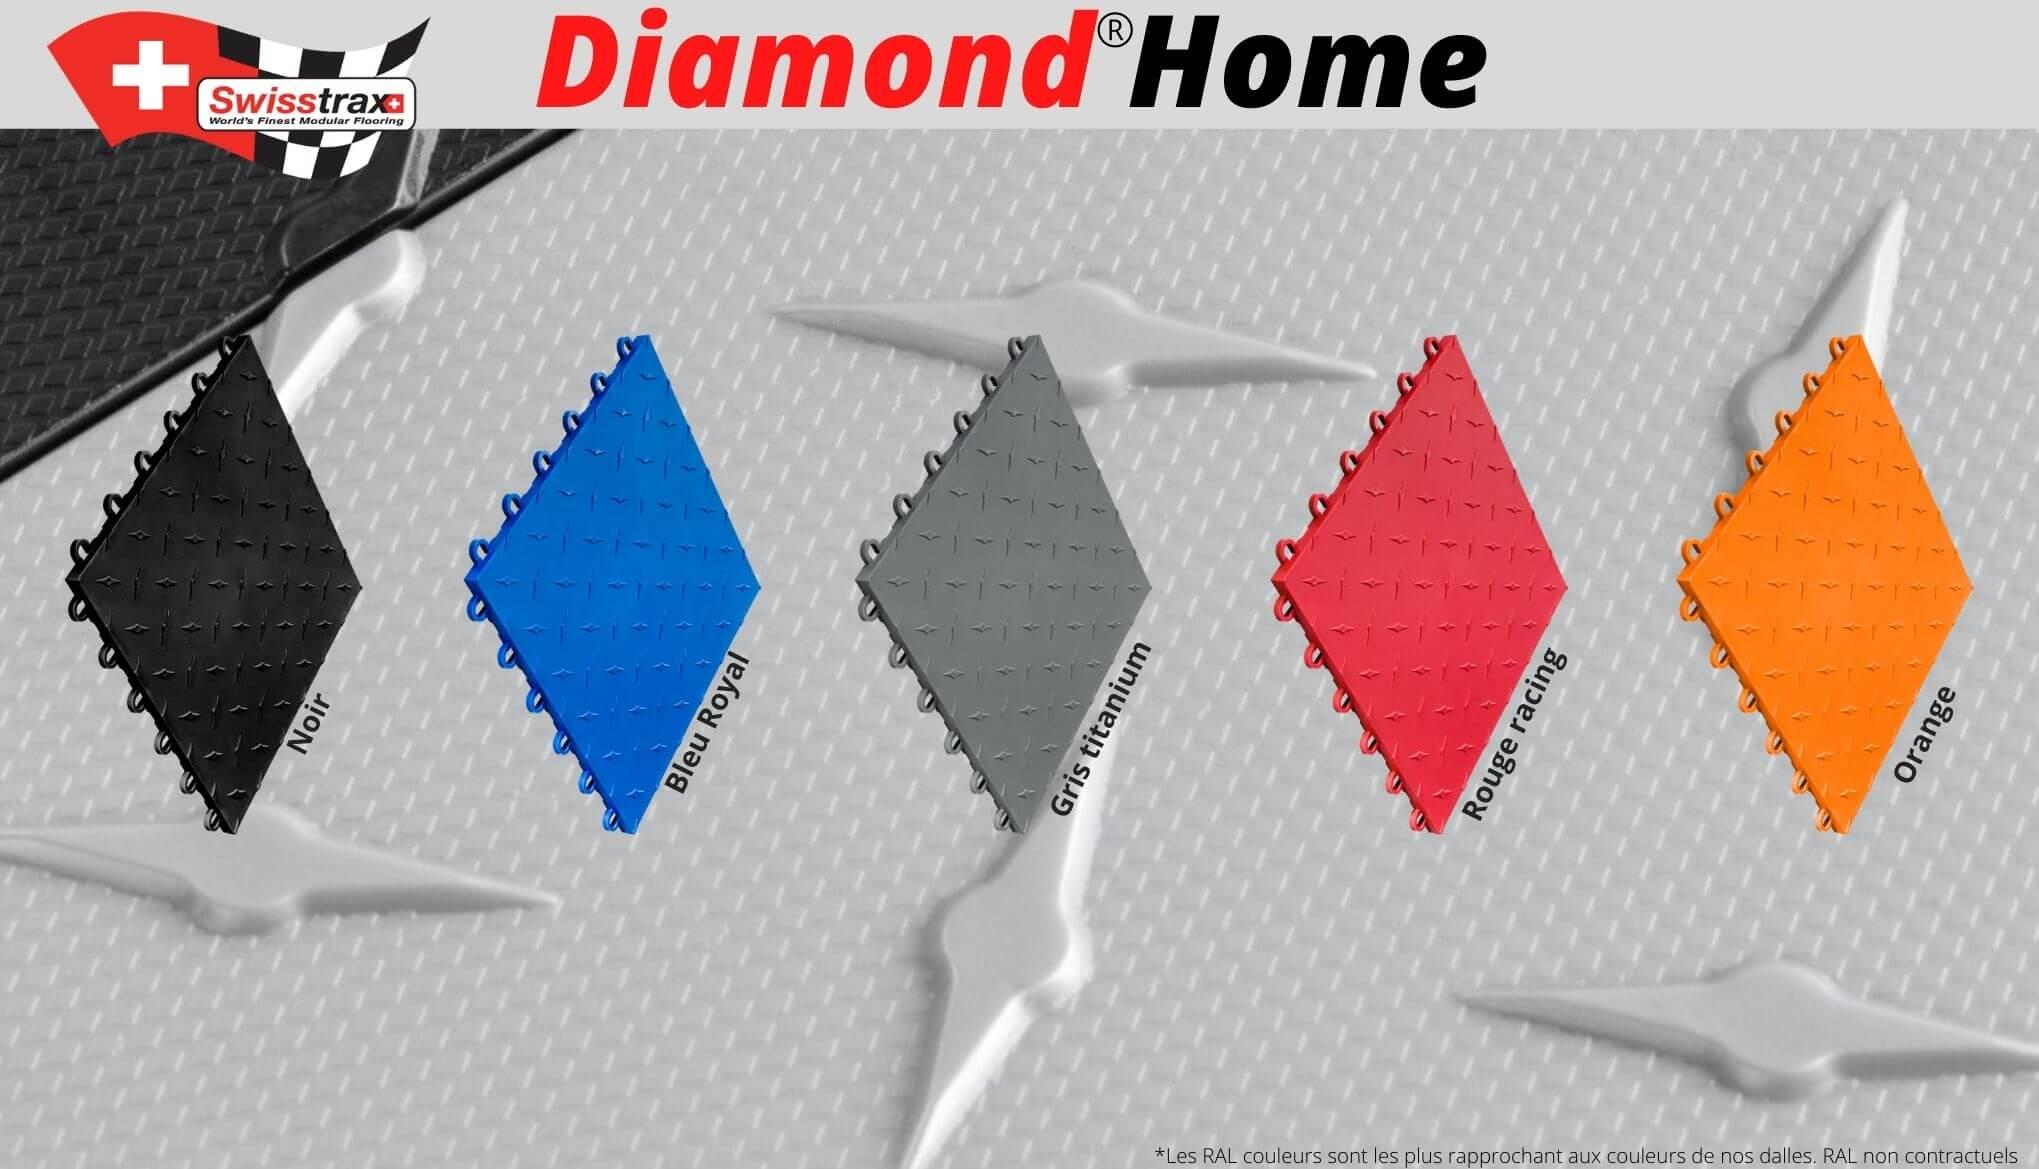 couleurs dalles de sol diamond